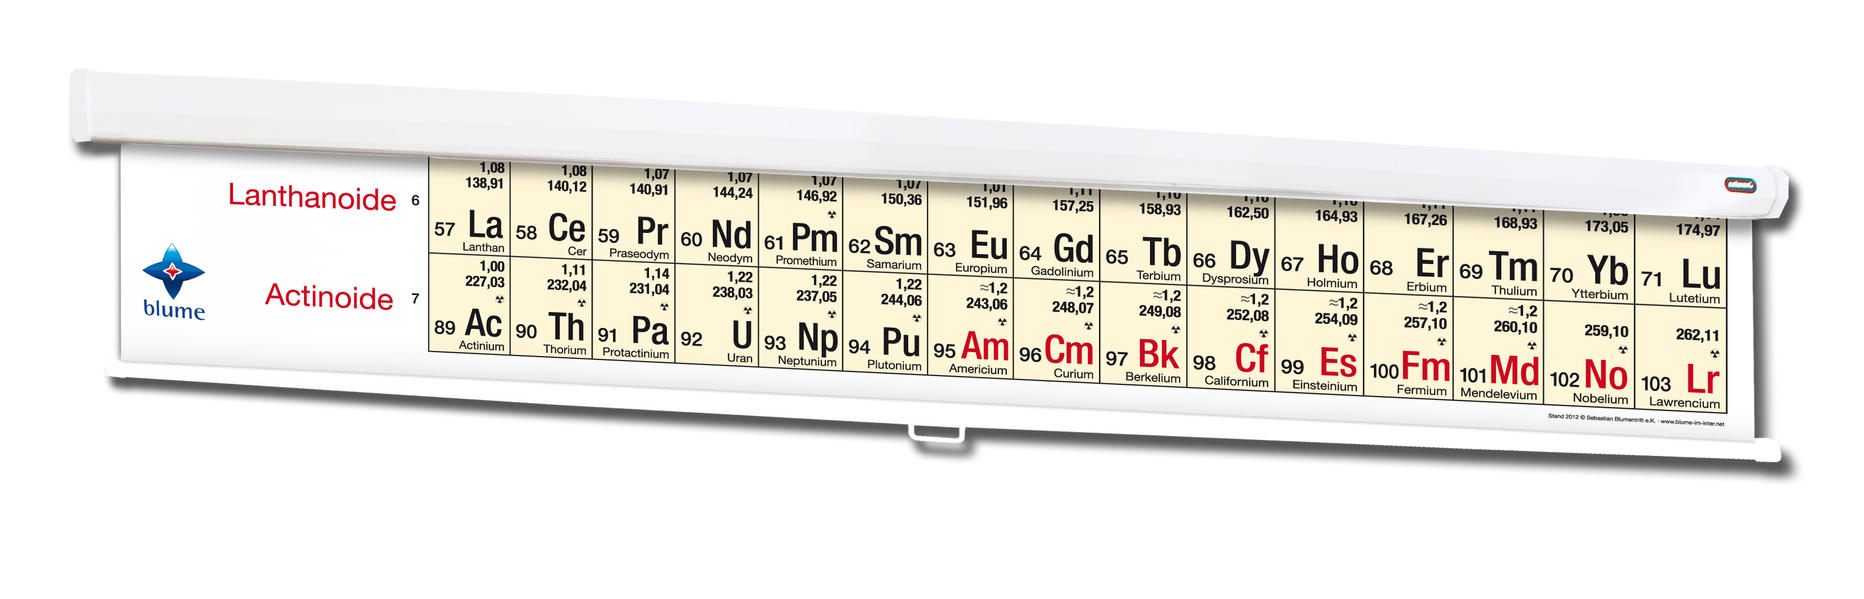 Periodensystem der Elemente - Coverbild